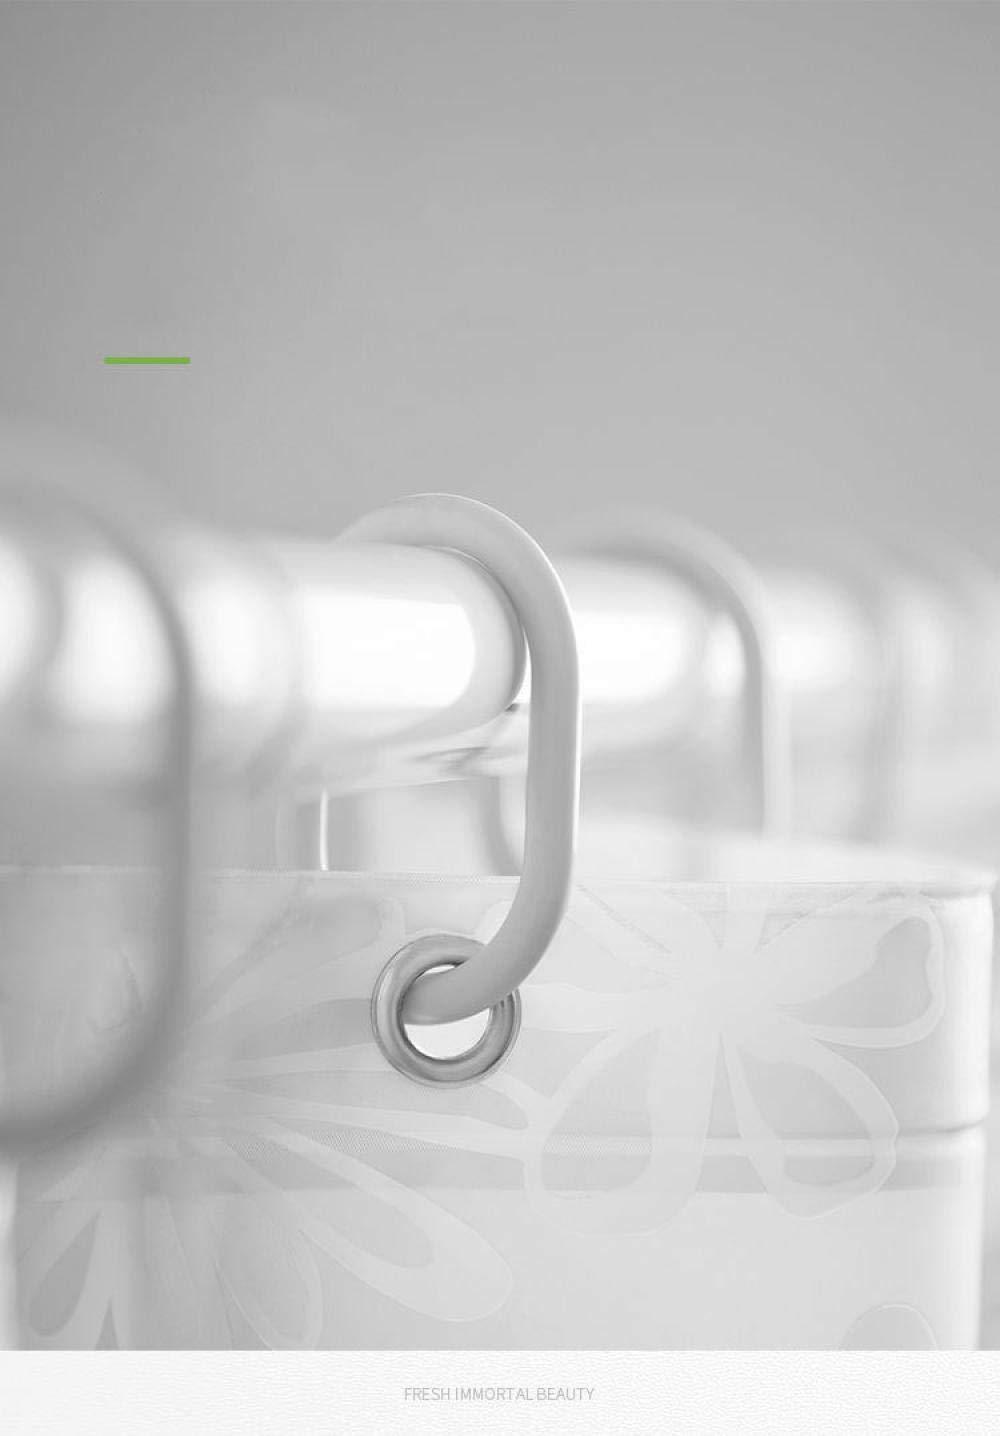 vitila Tenda da Doccia Tende da Bagno traslucide Impermeabili e antimuffa in plastica Tenda da Bagno per casa 80x180/_PEVA Bianco